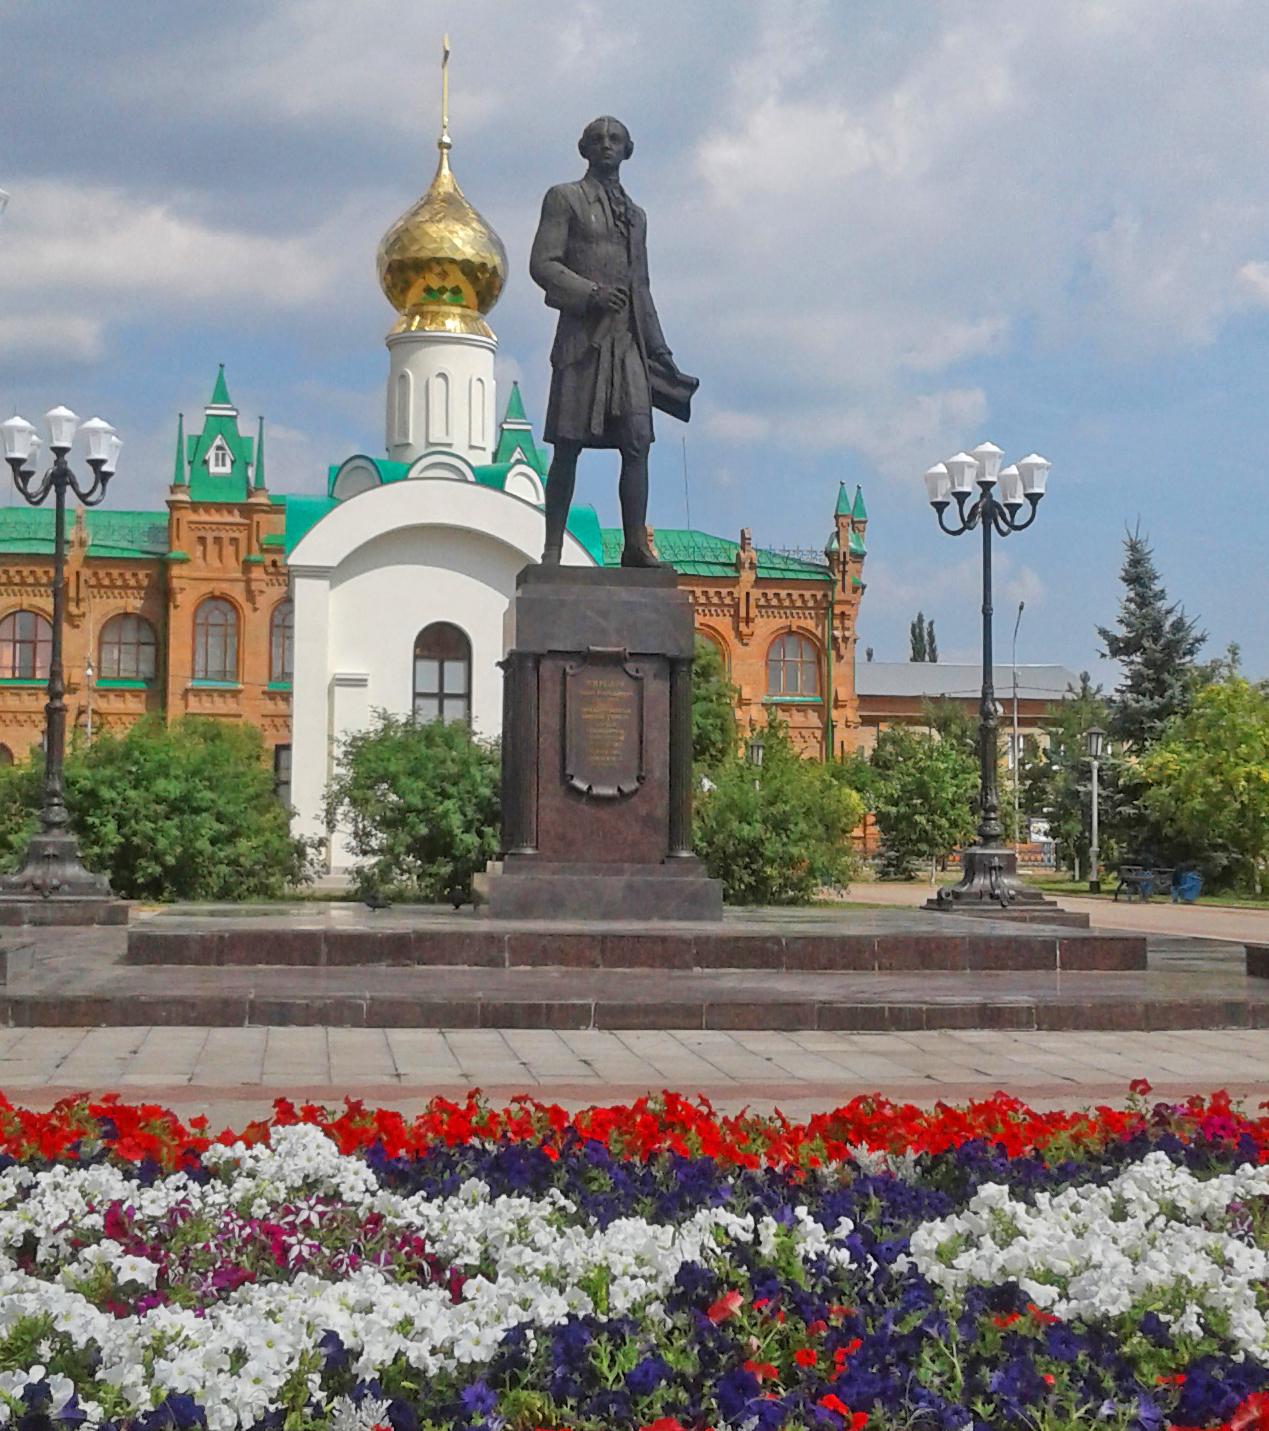 фото бузулука оренбургской области фото торт день